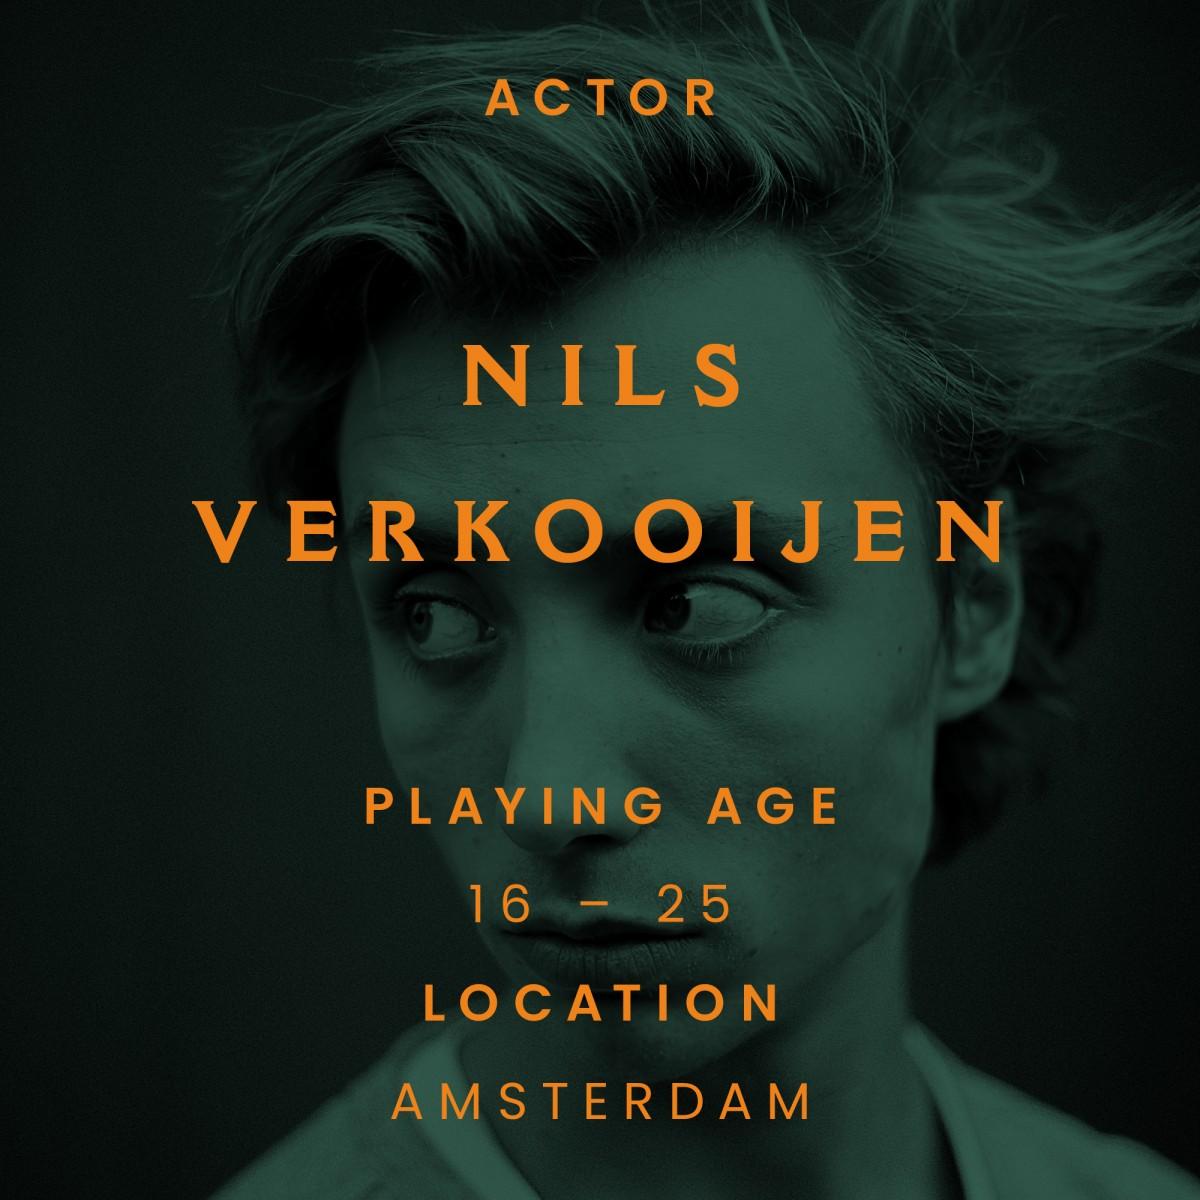 nils verkooijen, actor, Amsterdam